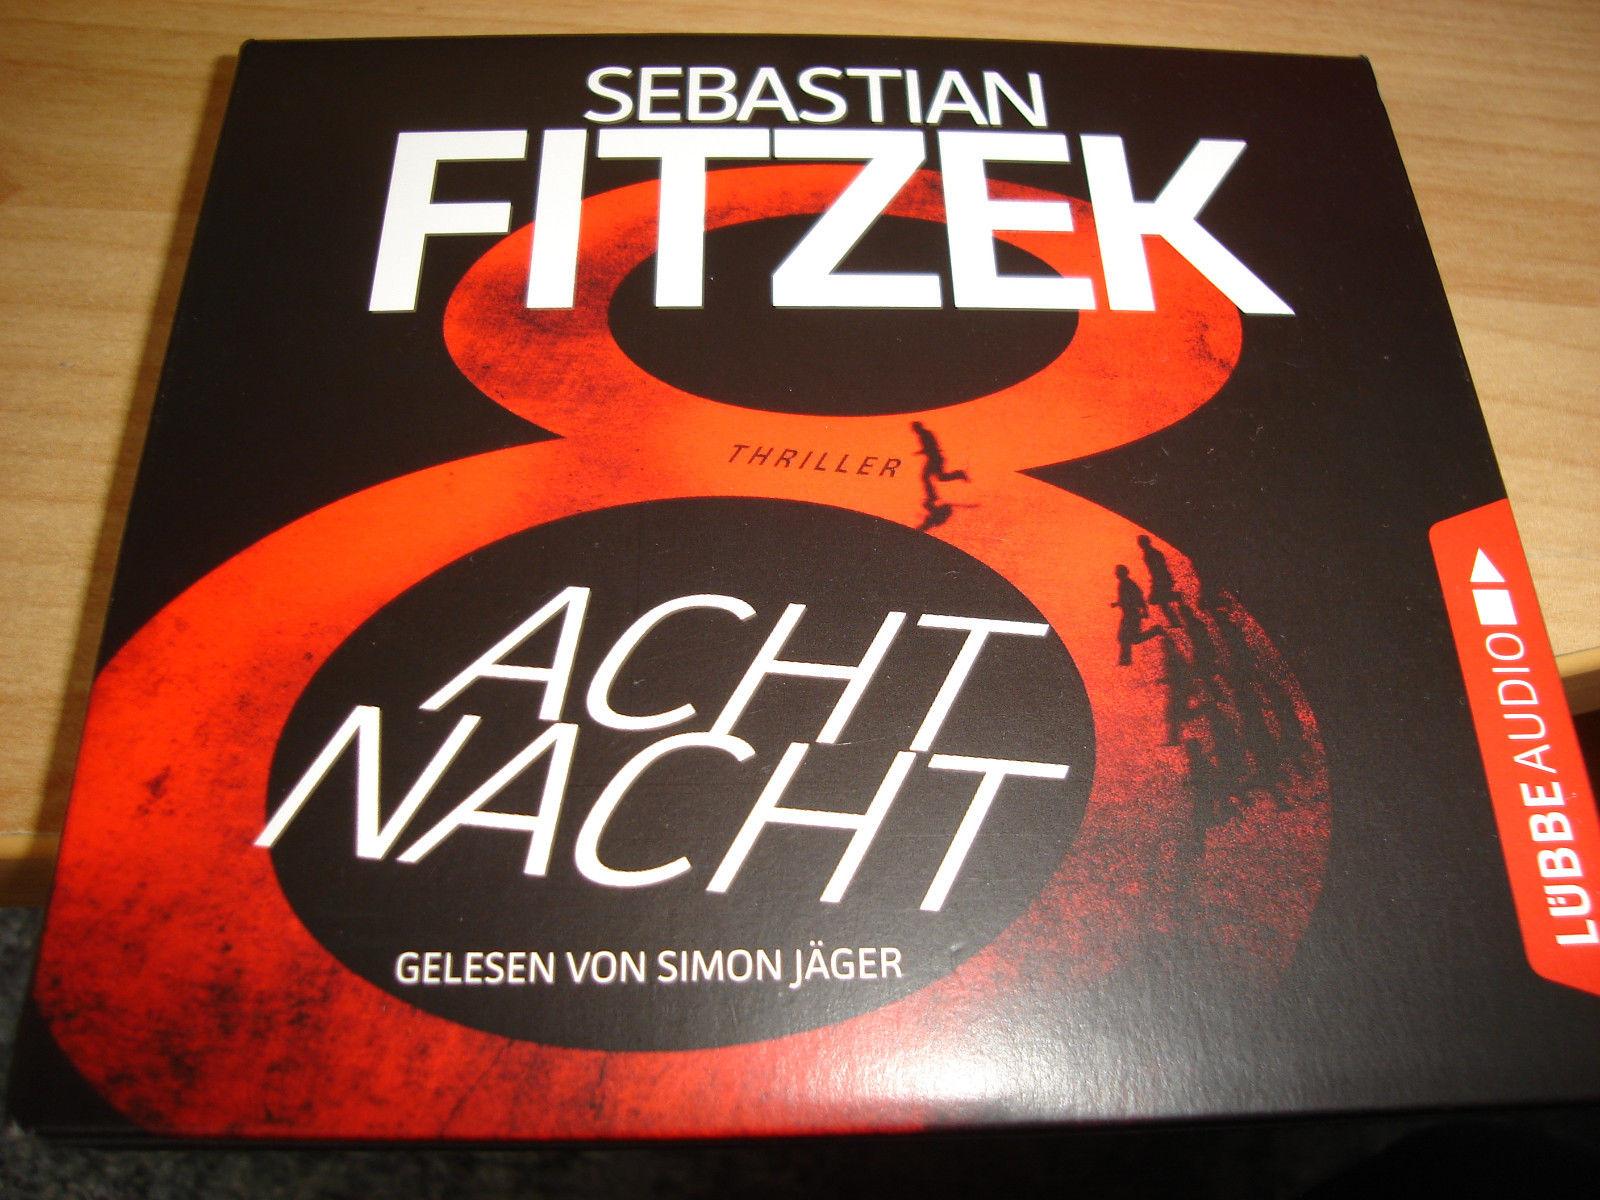 Sebastian Fitzek, AchtNacht, gel. v. Simon Jäger, Hörbuch, Psycho-Thriller, 2017